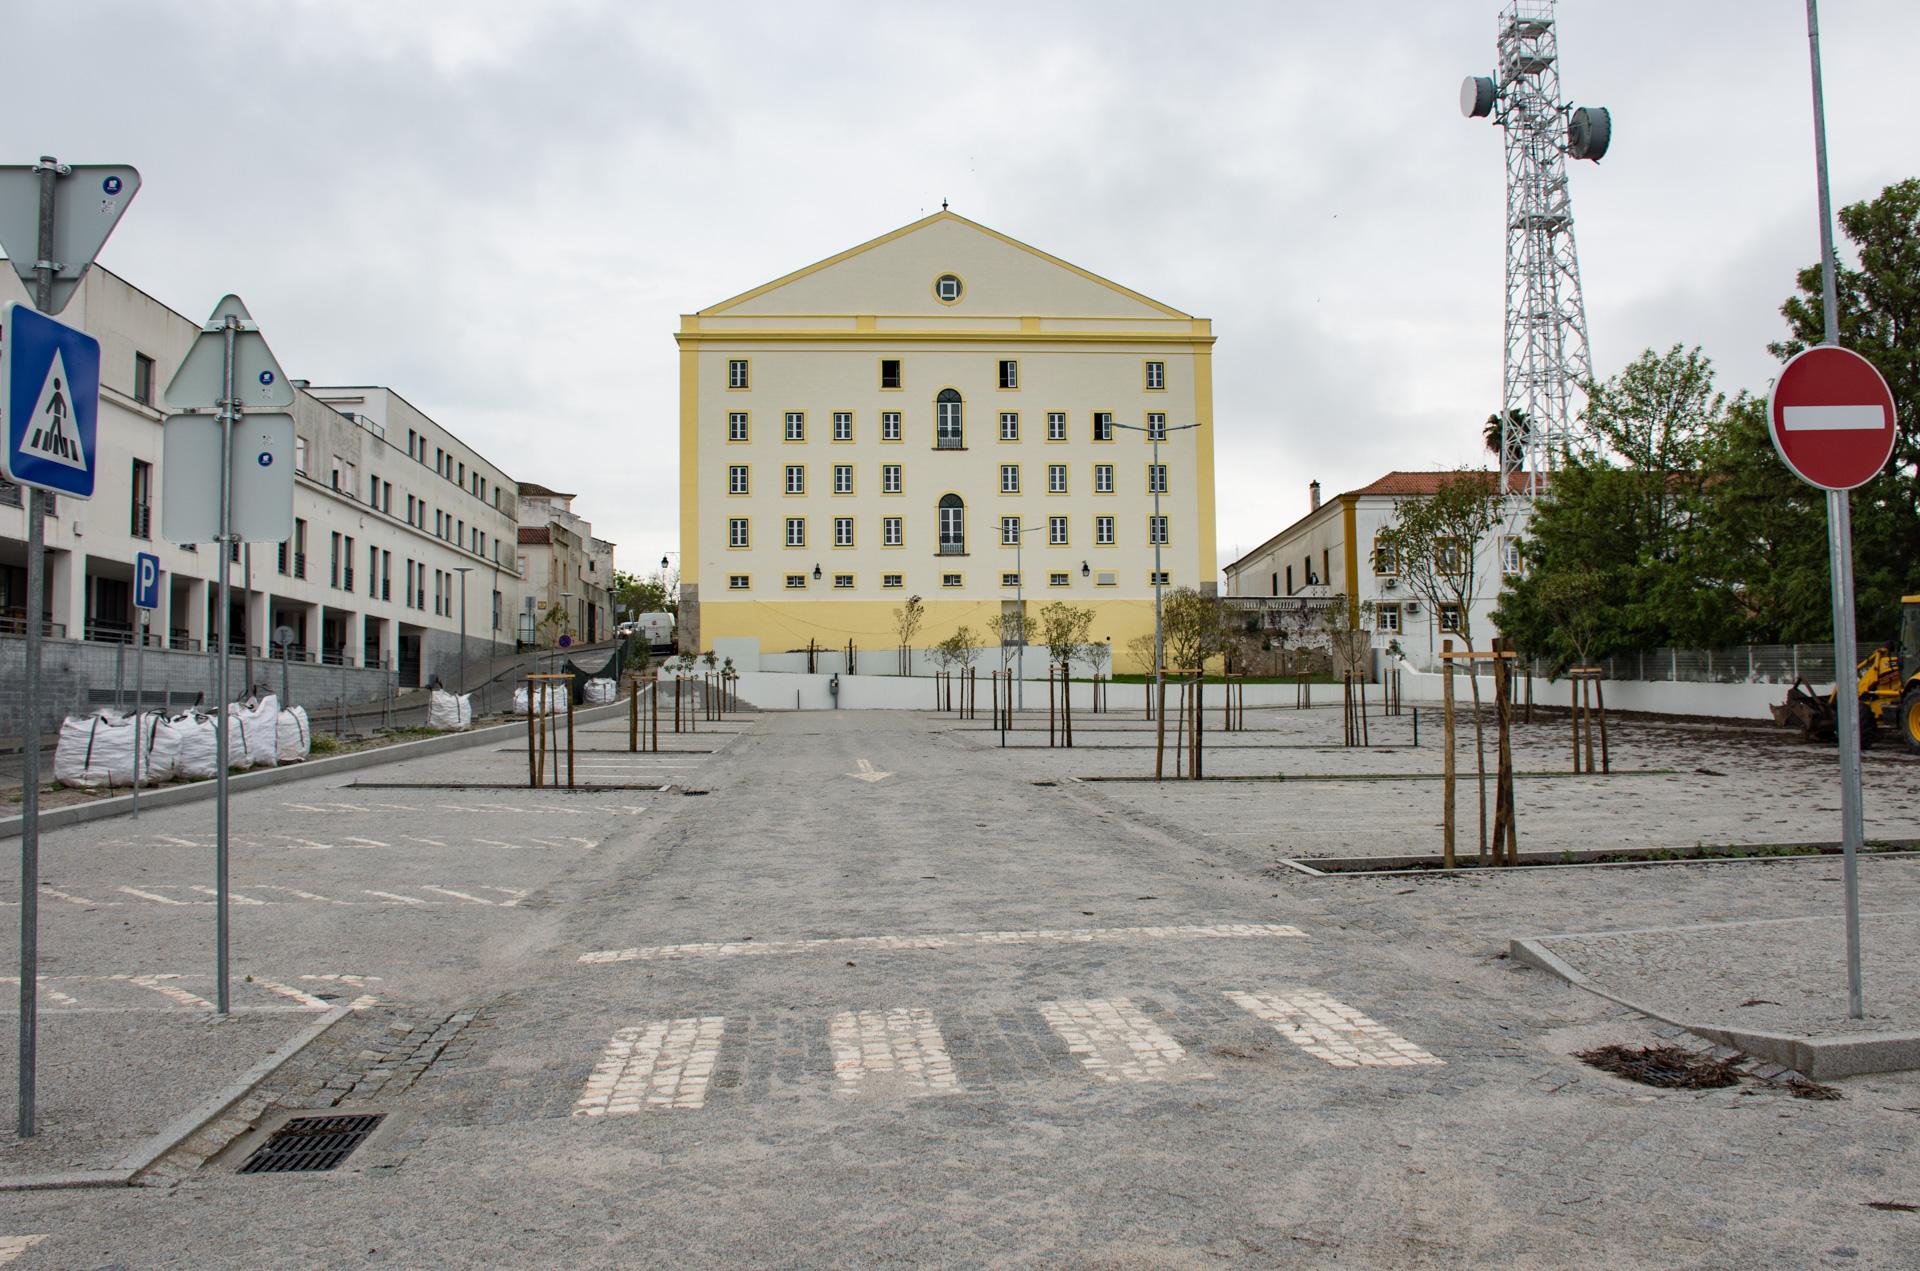 (Português) Novo Parque de Estacionamento do Teatro Garcia de Resende abre ao público a 17 de abril